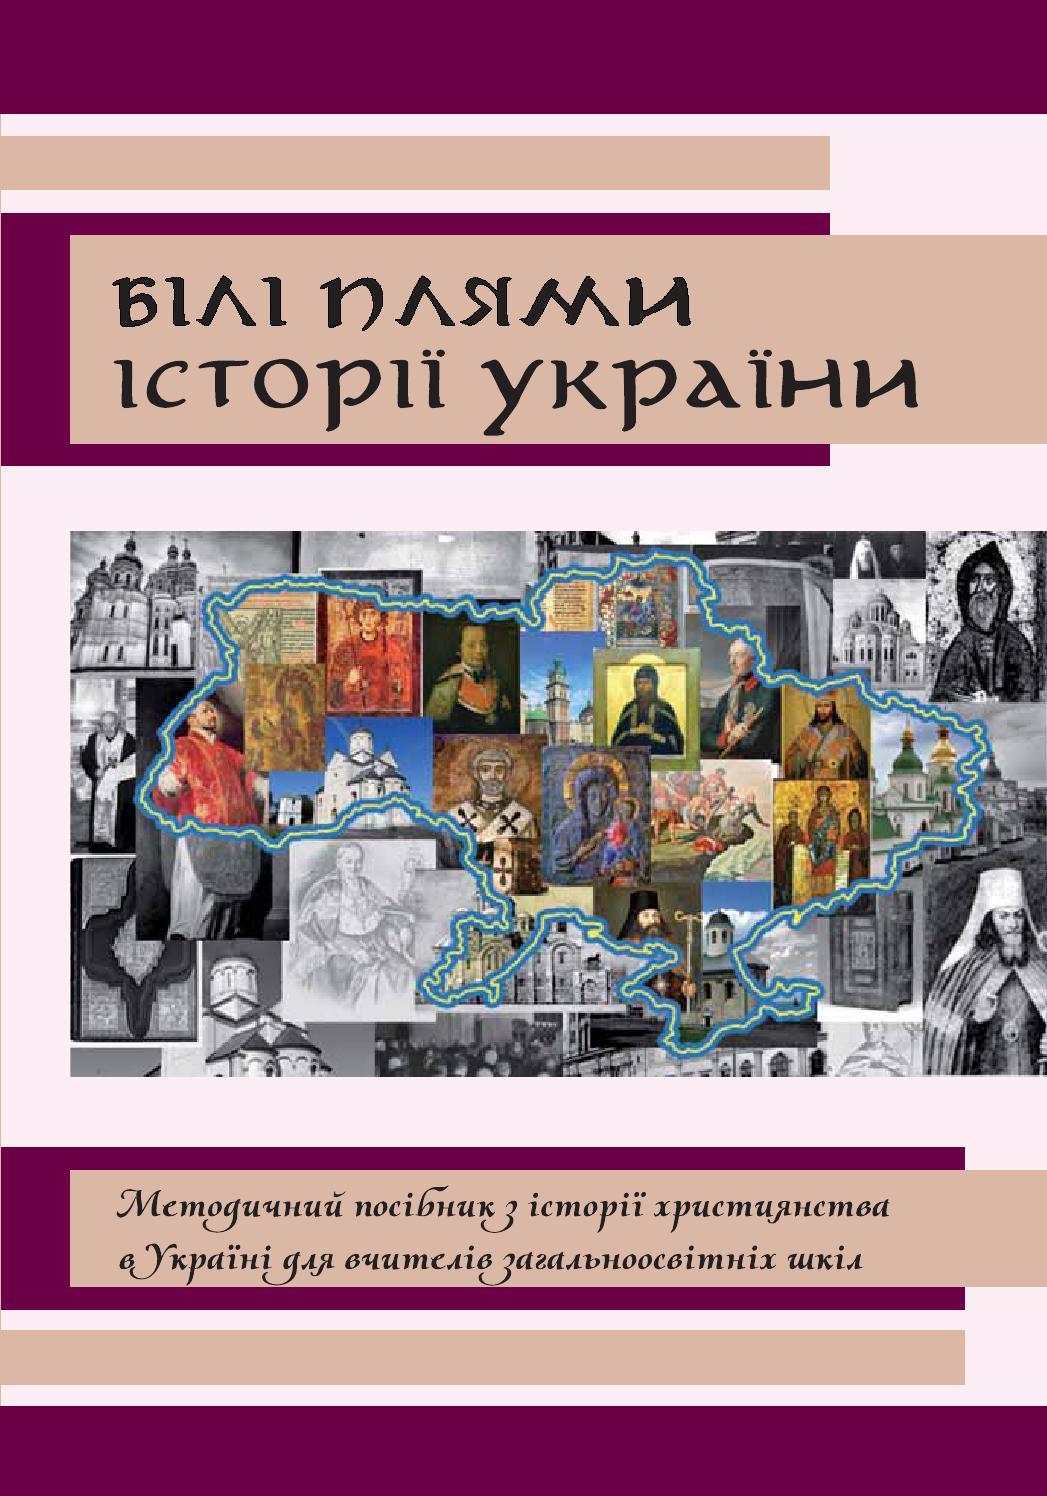 Білі плями історії України. Християнські сторінки історії України, 2014